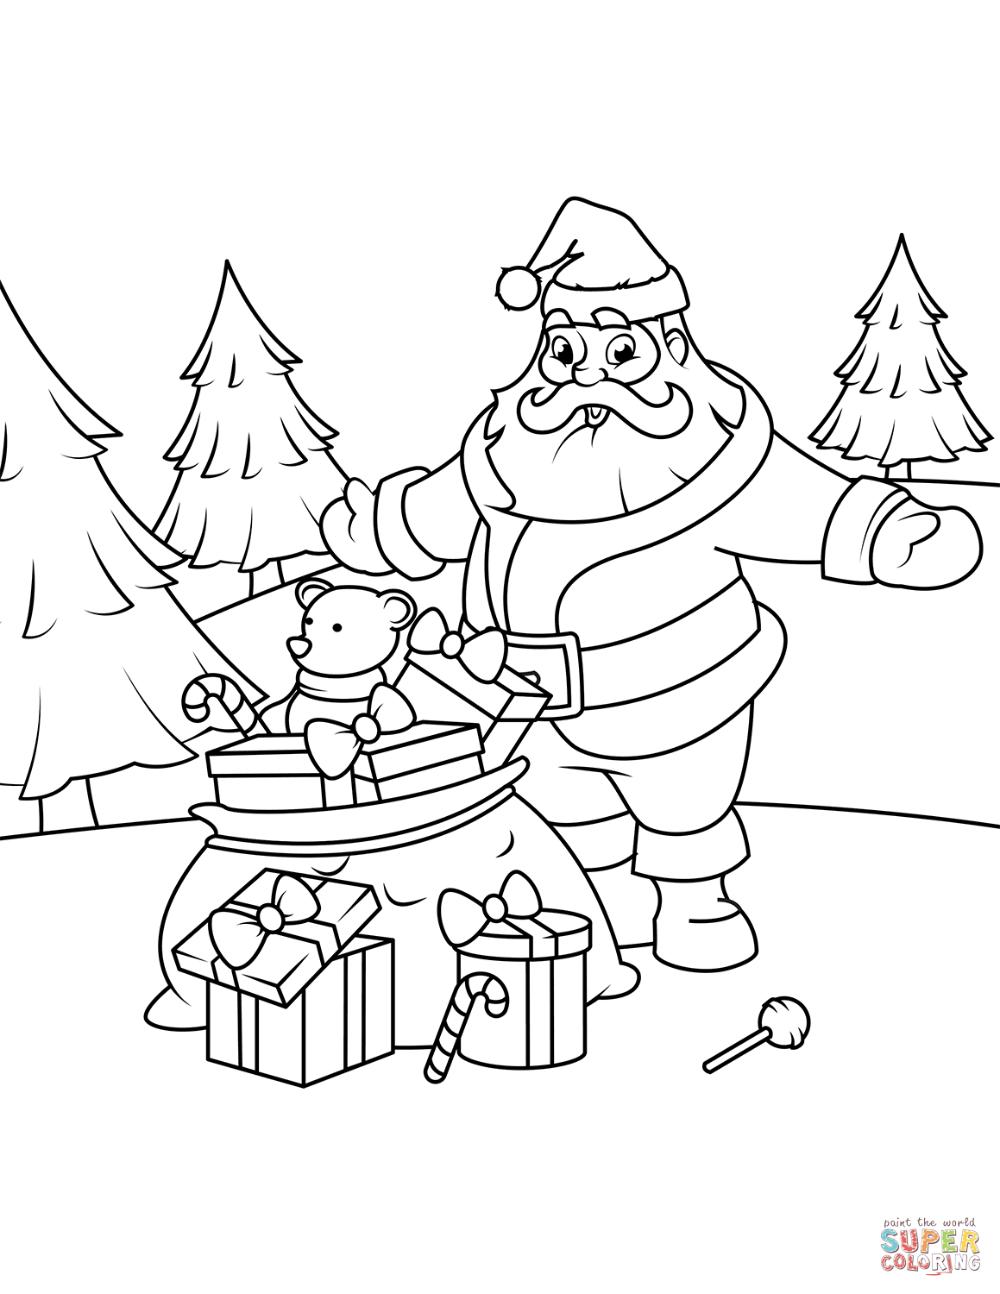 Kolorowanka Swiety Mikolaj Z Prezentami Kolorowanki Dla Dzieci Do Druku Christmas Coloring Pages Free Printable Coloring Pages Coloring Pages